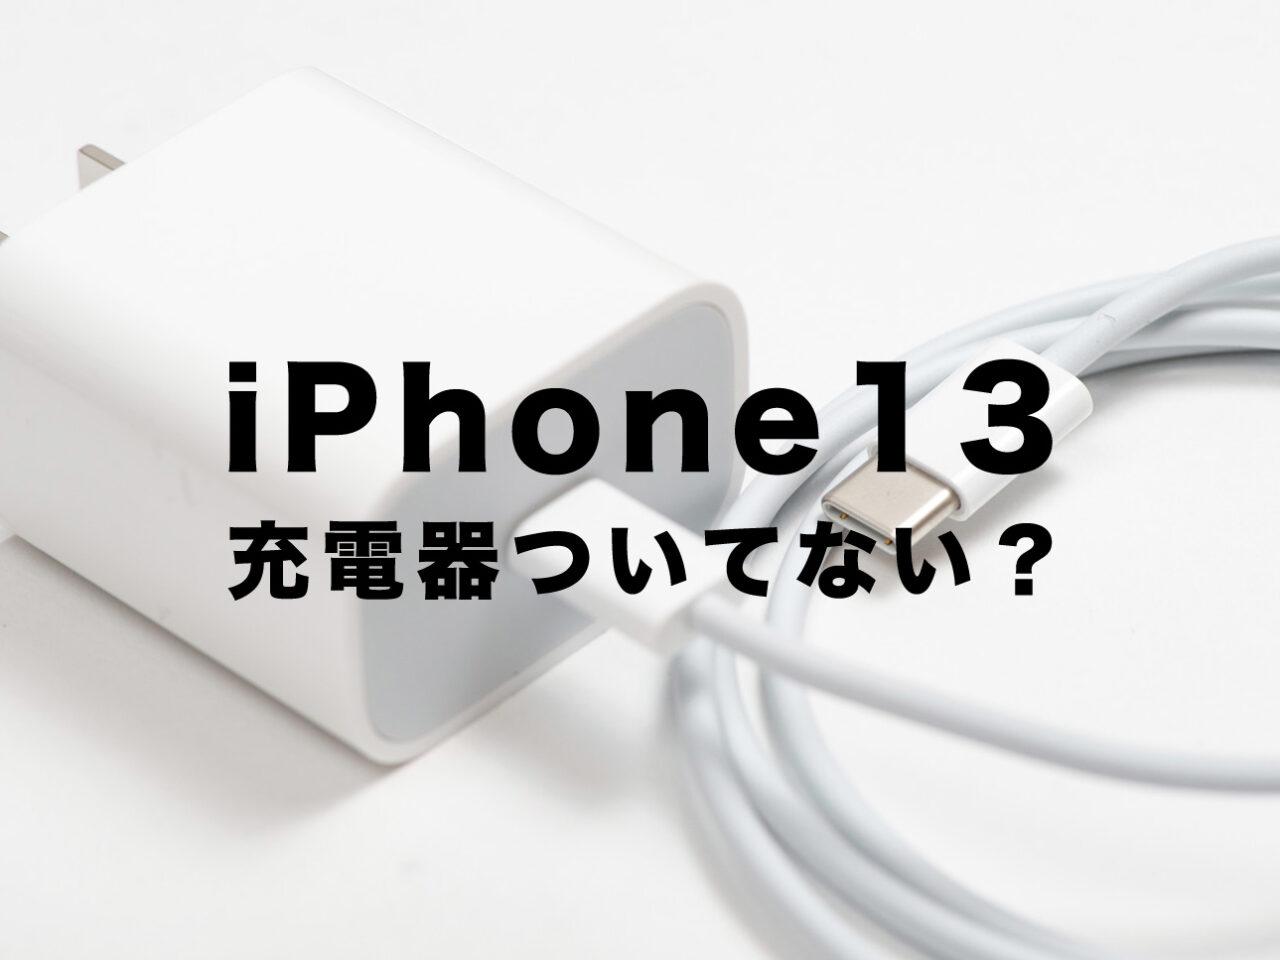 iPhone13系は充電器ついてない&別売りになった?今までのものは使える?のサムネイル画像